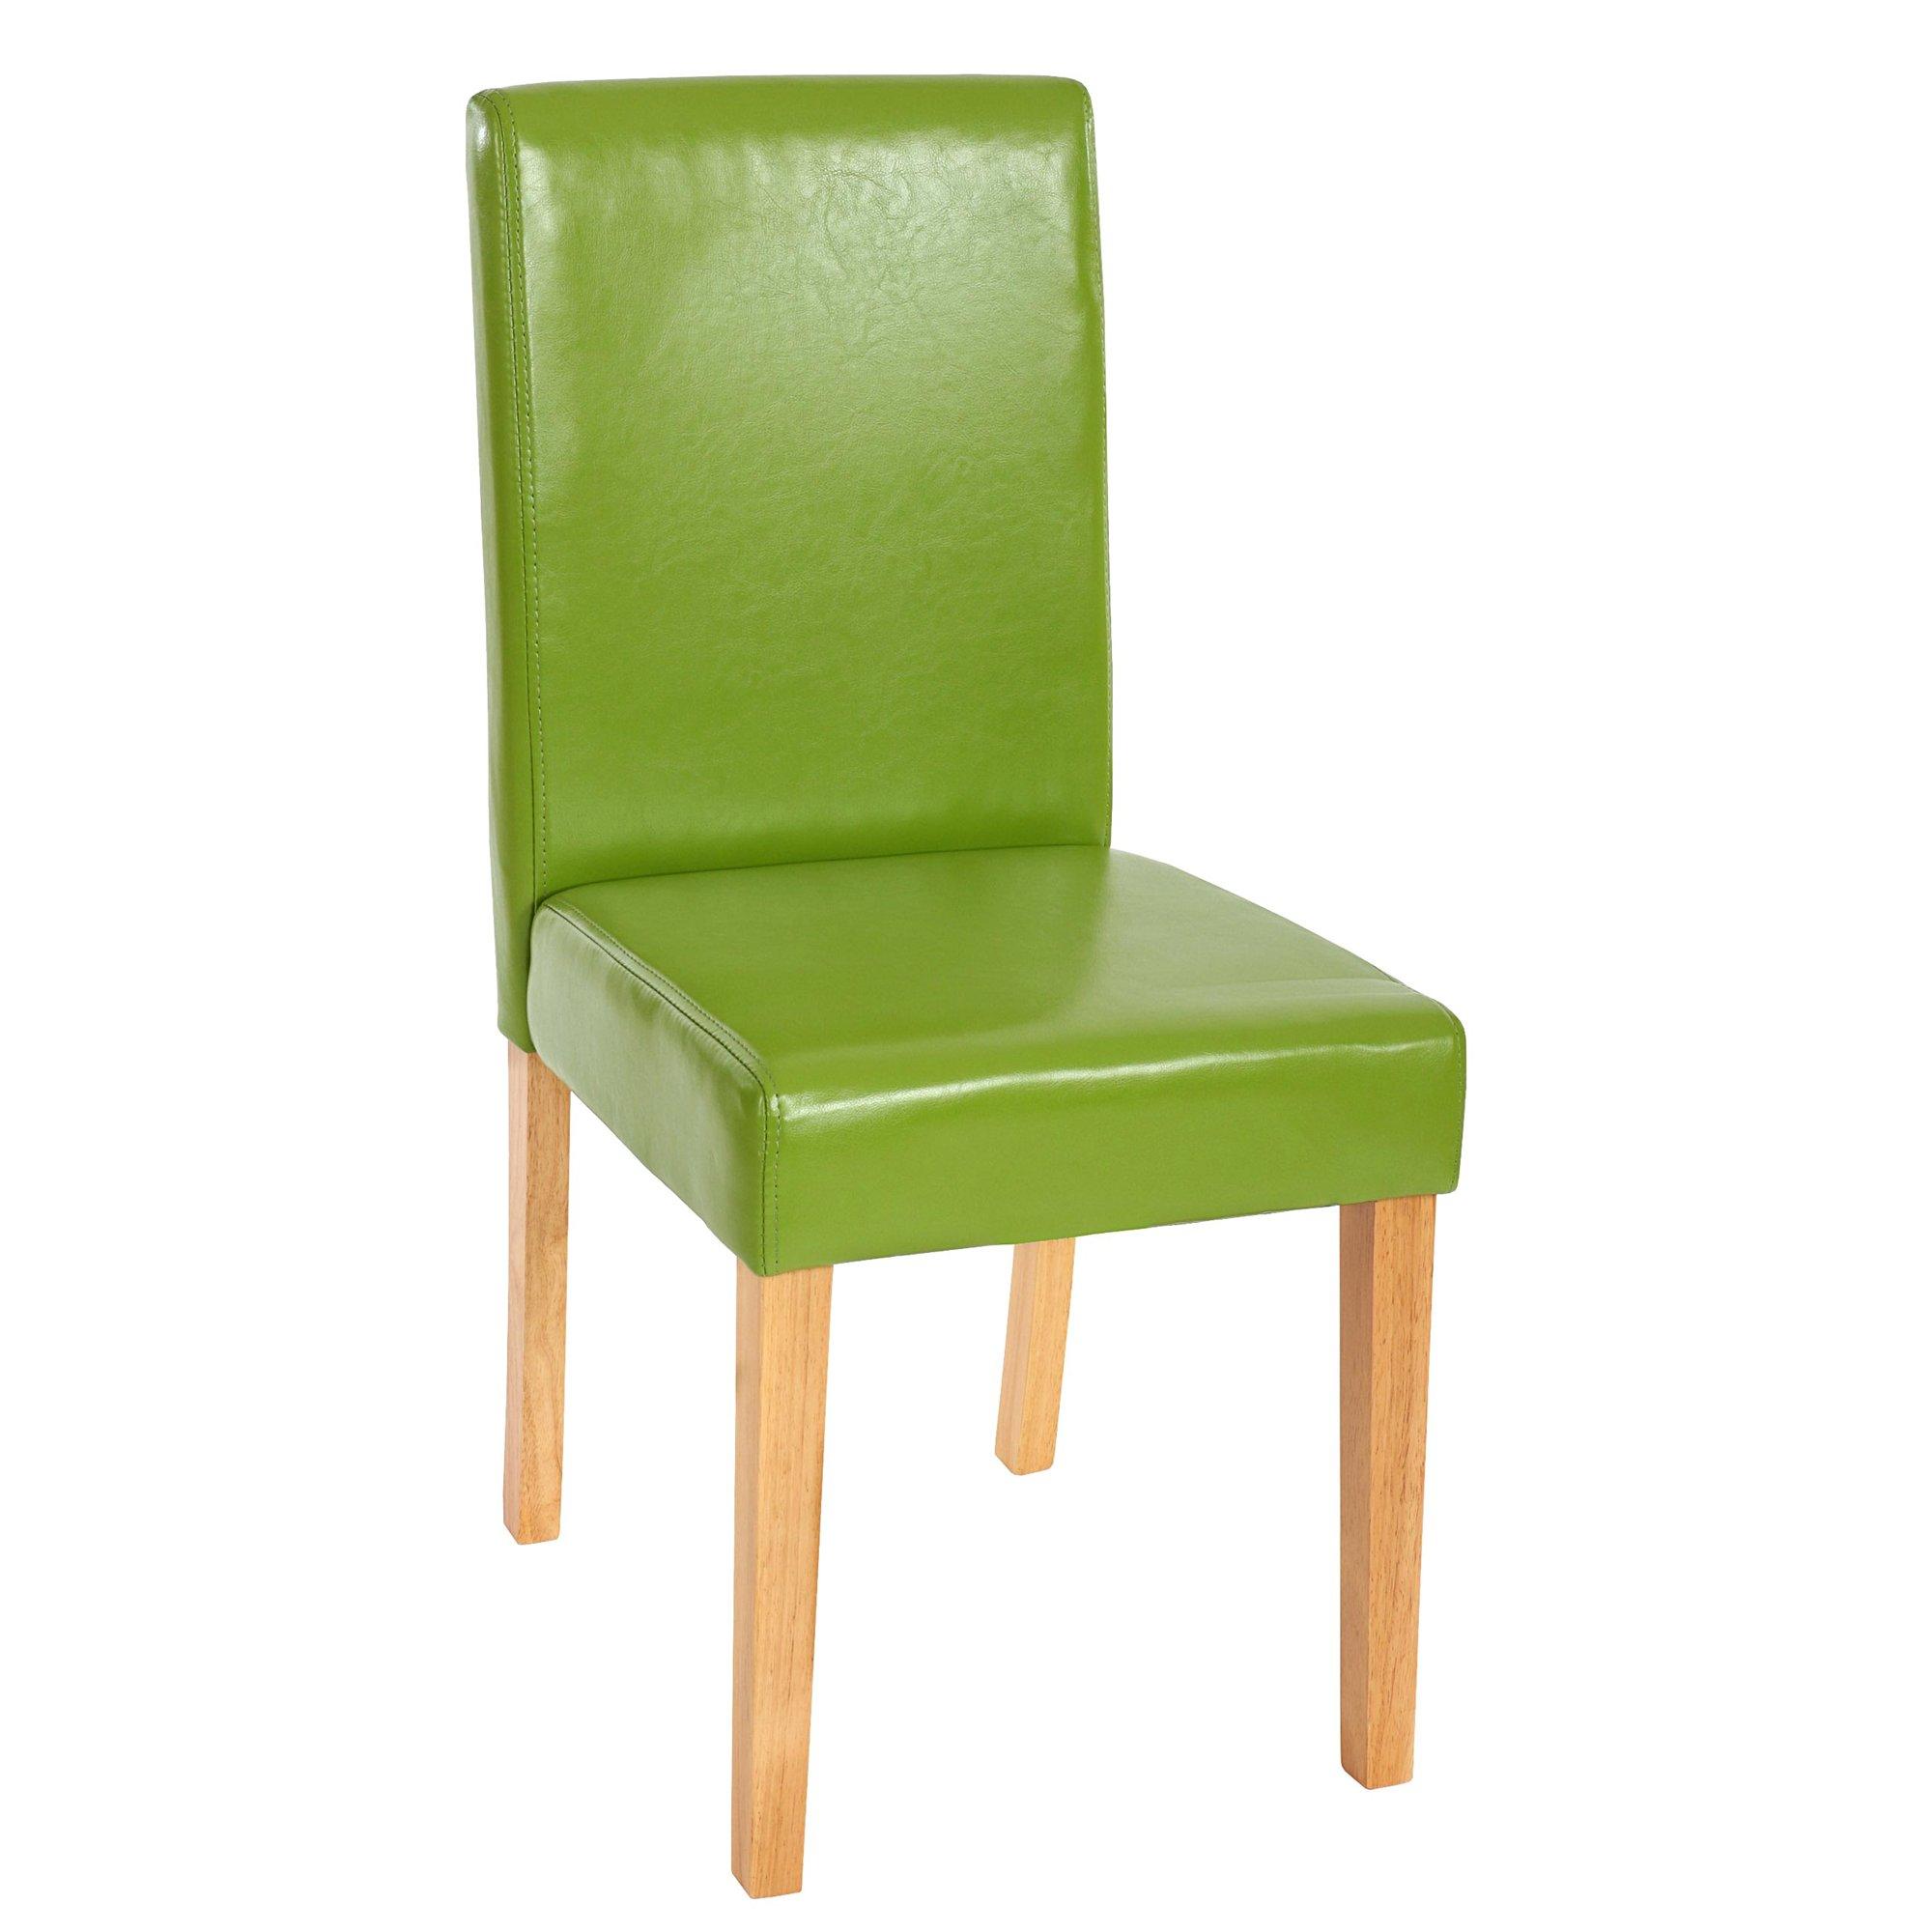 Cojunto 6 Sillas de Comedor LITAU en color Verde - Conjunto de 6 ...